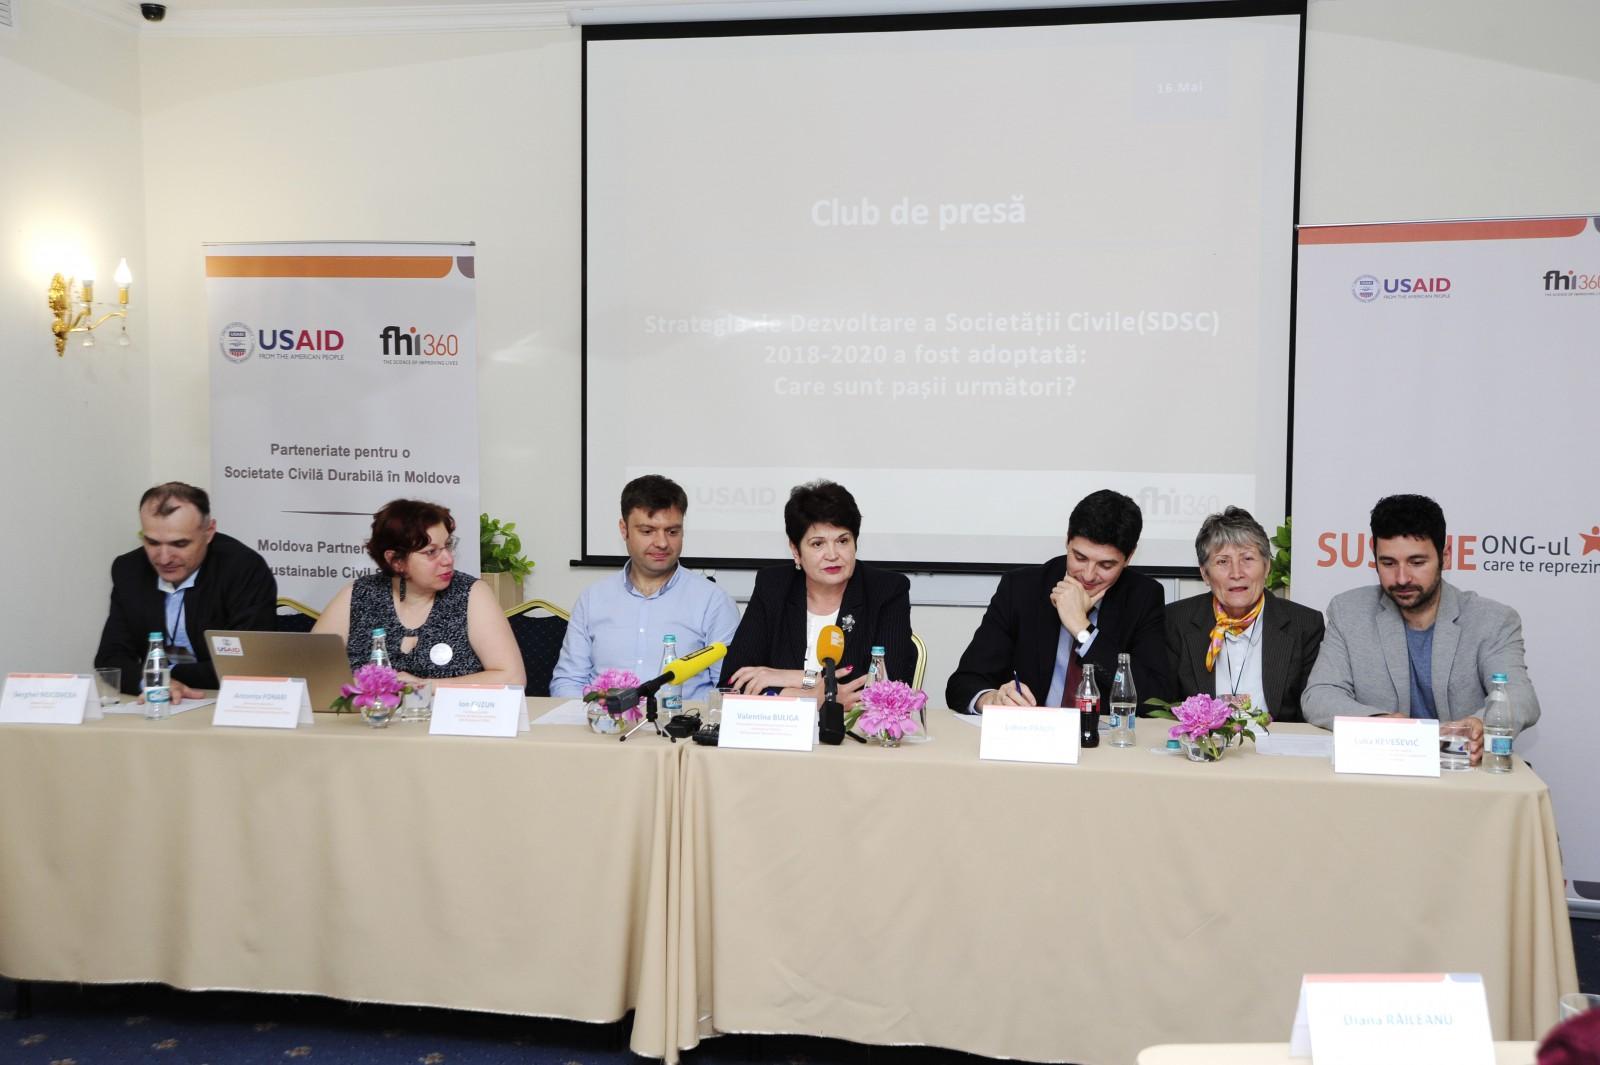 Dezvoltarea societății civile: De la implicare în procesul decizional la viabilitate financiară